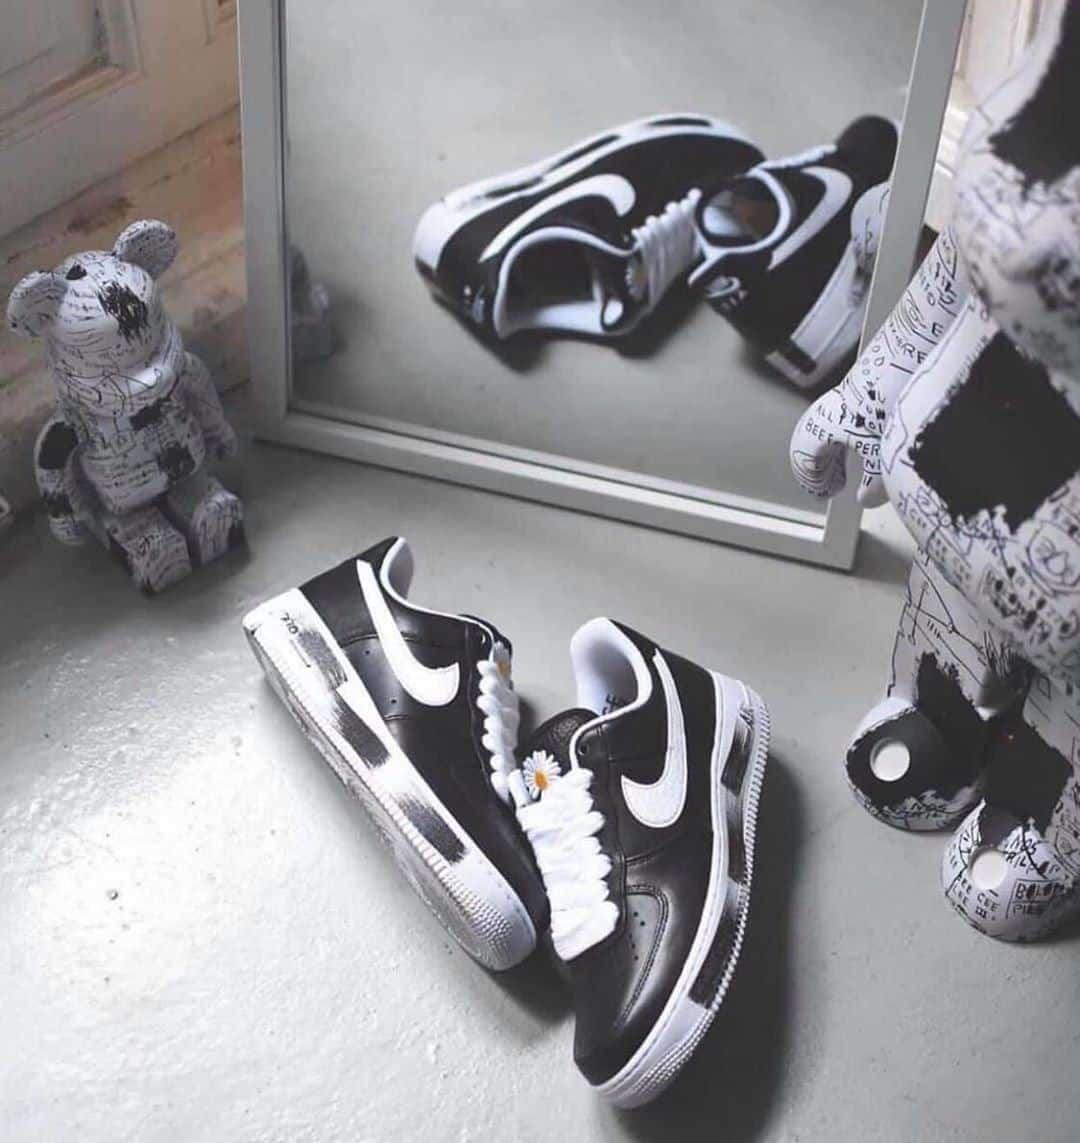 Địa chỉ mua giày sneaker auth giá tốt, sang xịn